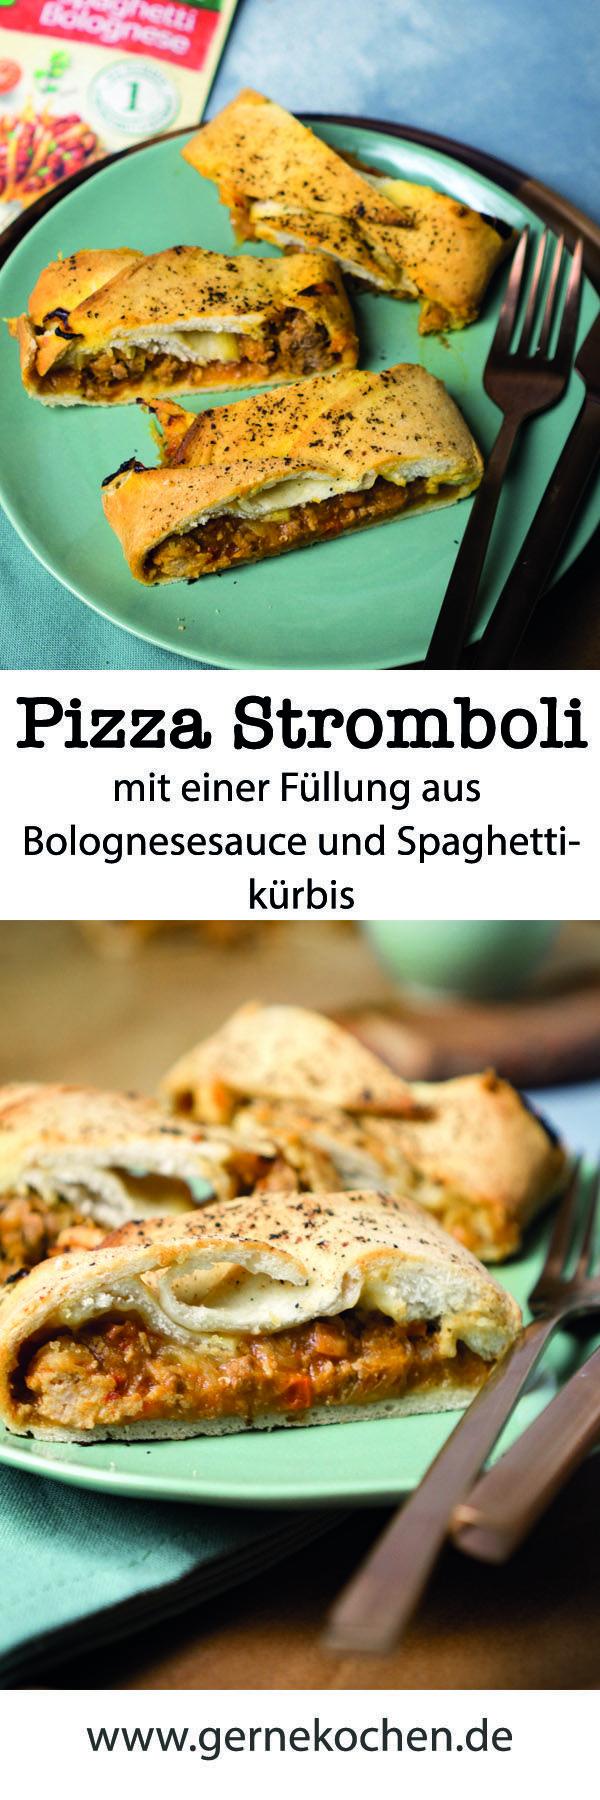 Pizza Stromboli ist kein Vulkan, sondern eine Art Hefezopf, die mit einer Bolognese gefüllt wird. Wir haben noch einen Spaghettikürbis hineingetan. Wenn ihr wissen wollt, was es mit der Bolognese auf sich hat, klickt doch rüber!